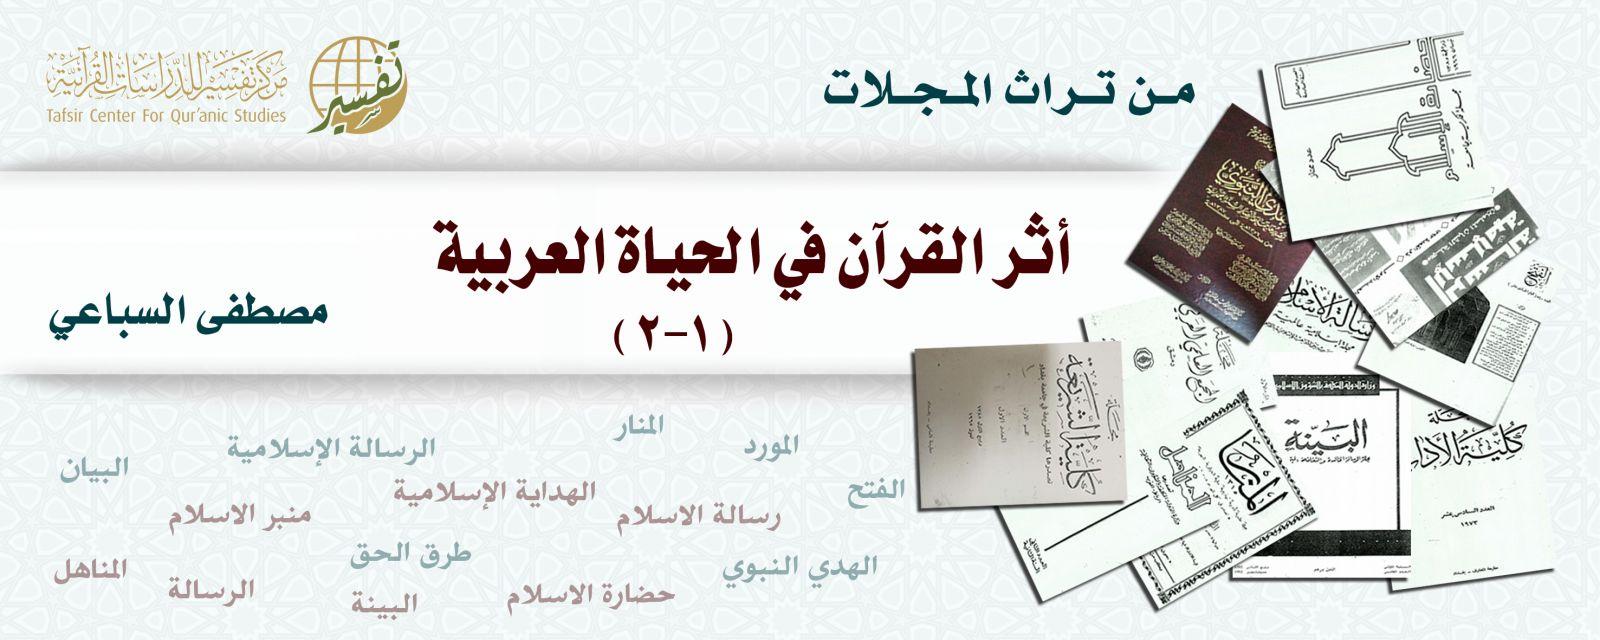 أثر القرآن في الحياة العربية (1-2)